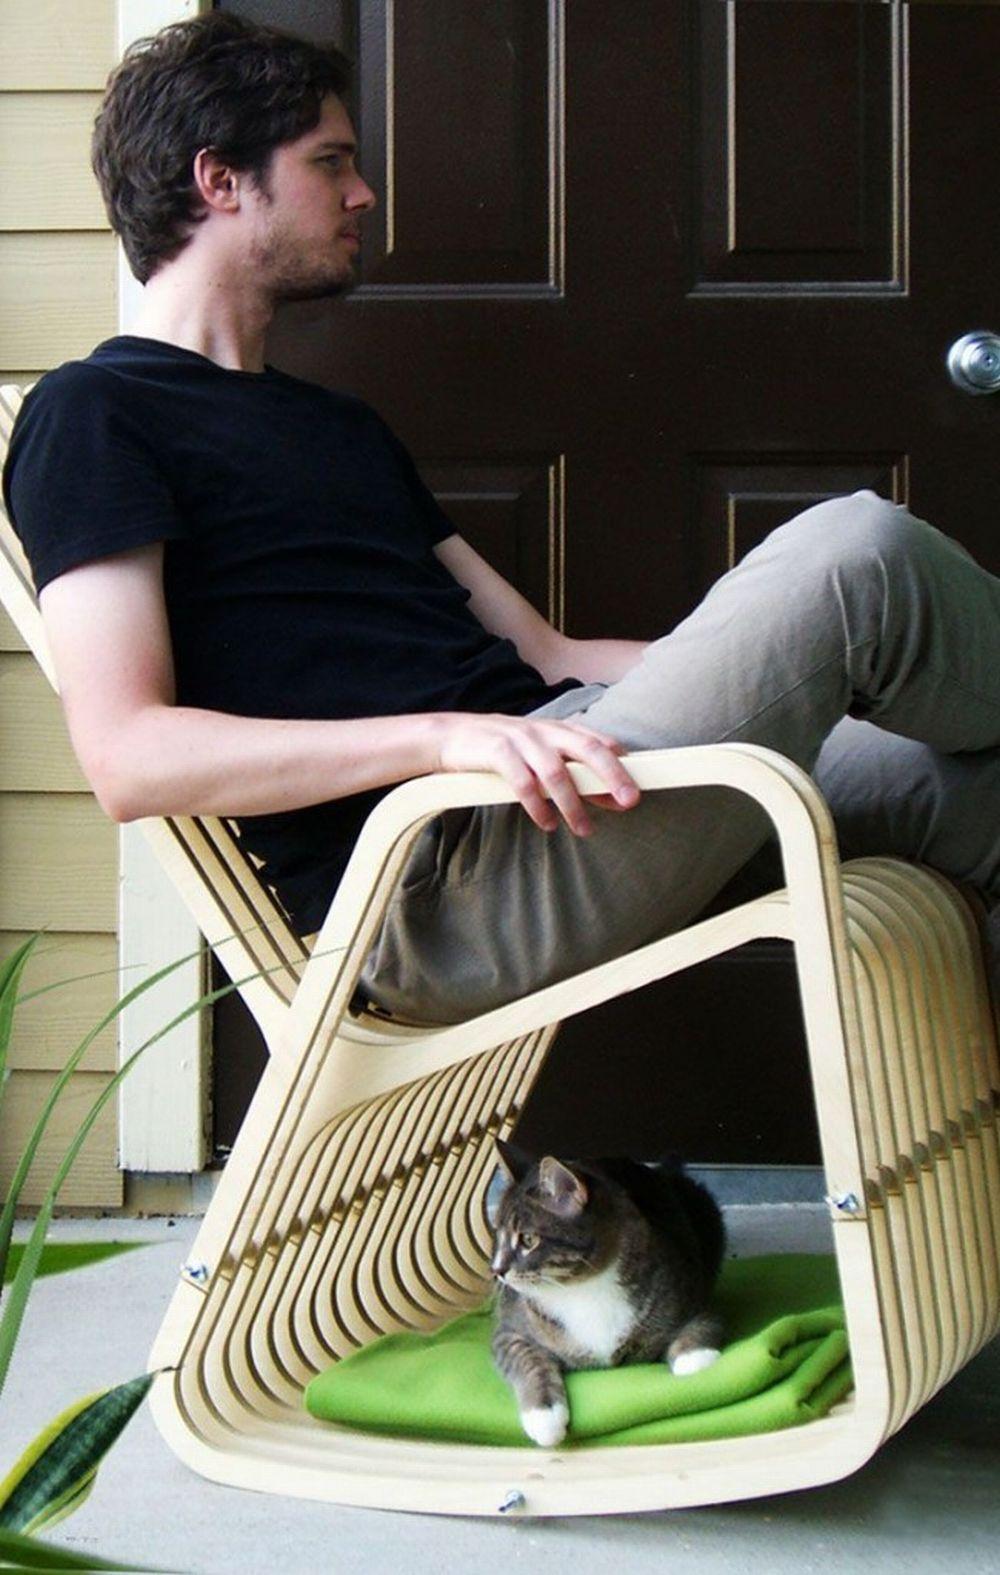 Как своими руками сделать кресло-качалку (фото, чертежи, размеры)